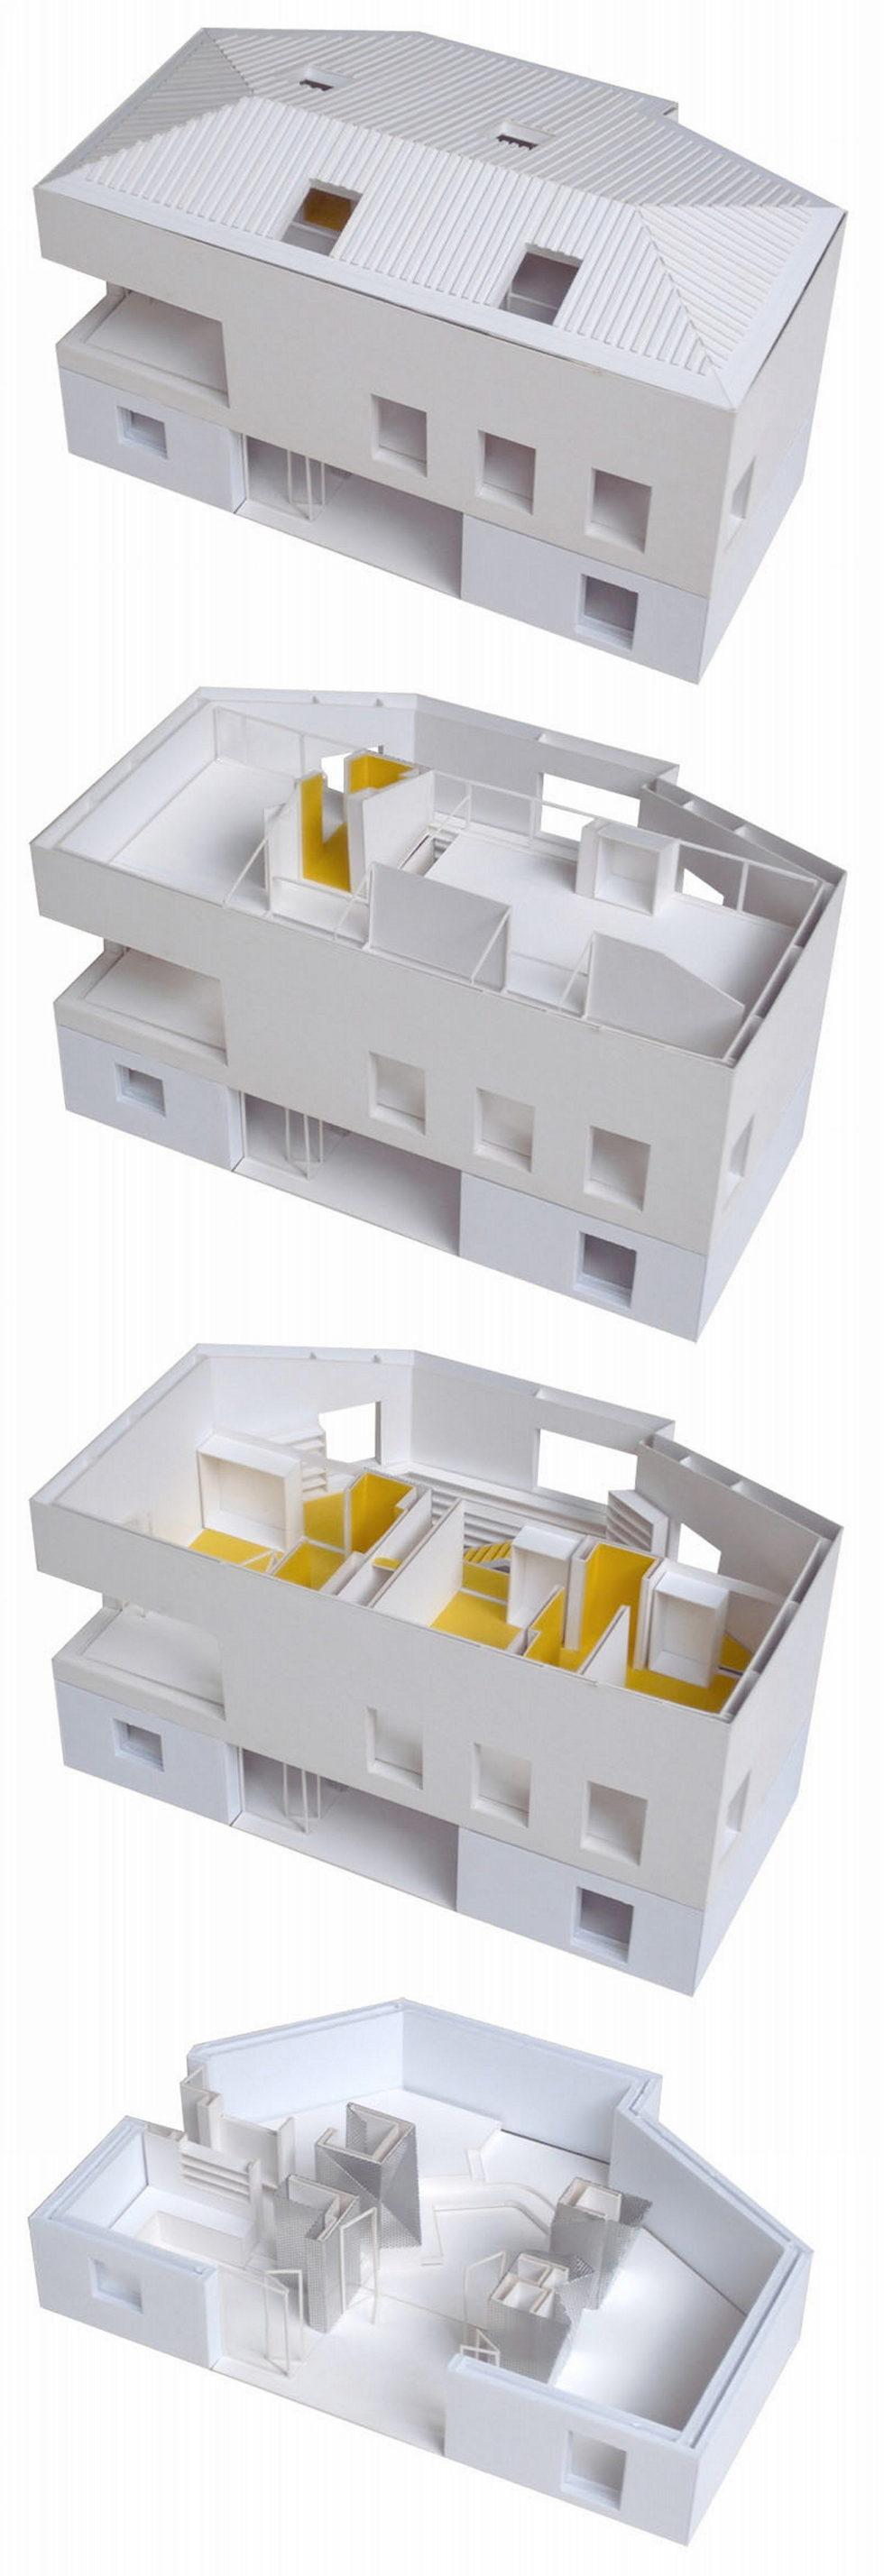 Casa Tmolo A Small Residency In Spain From PYO Arquitectos - Plan 17